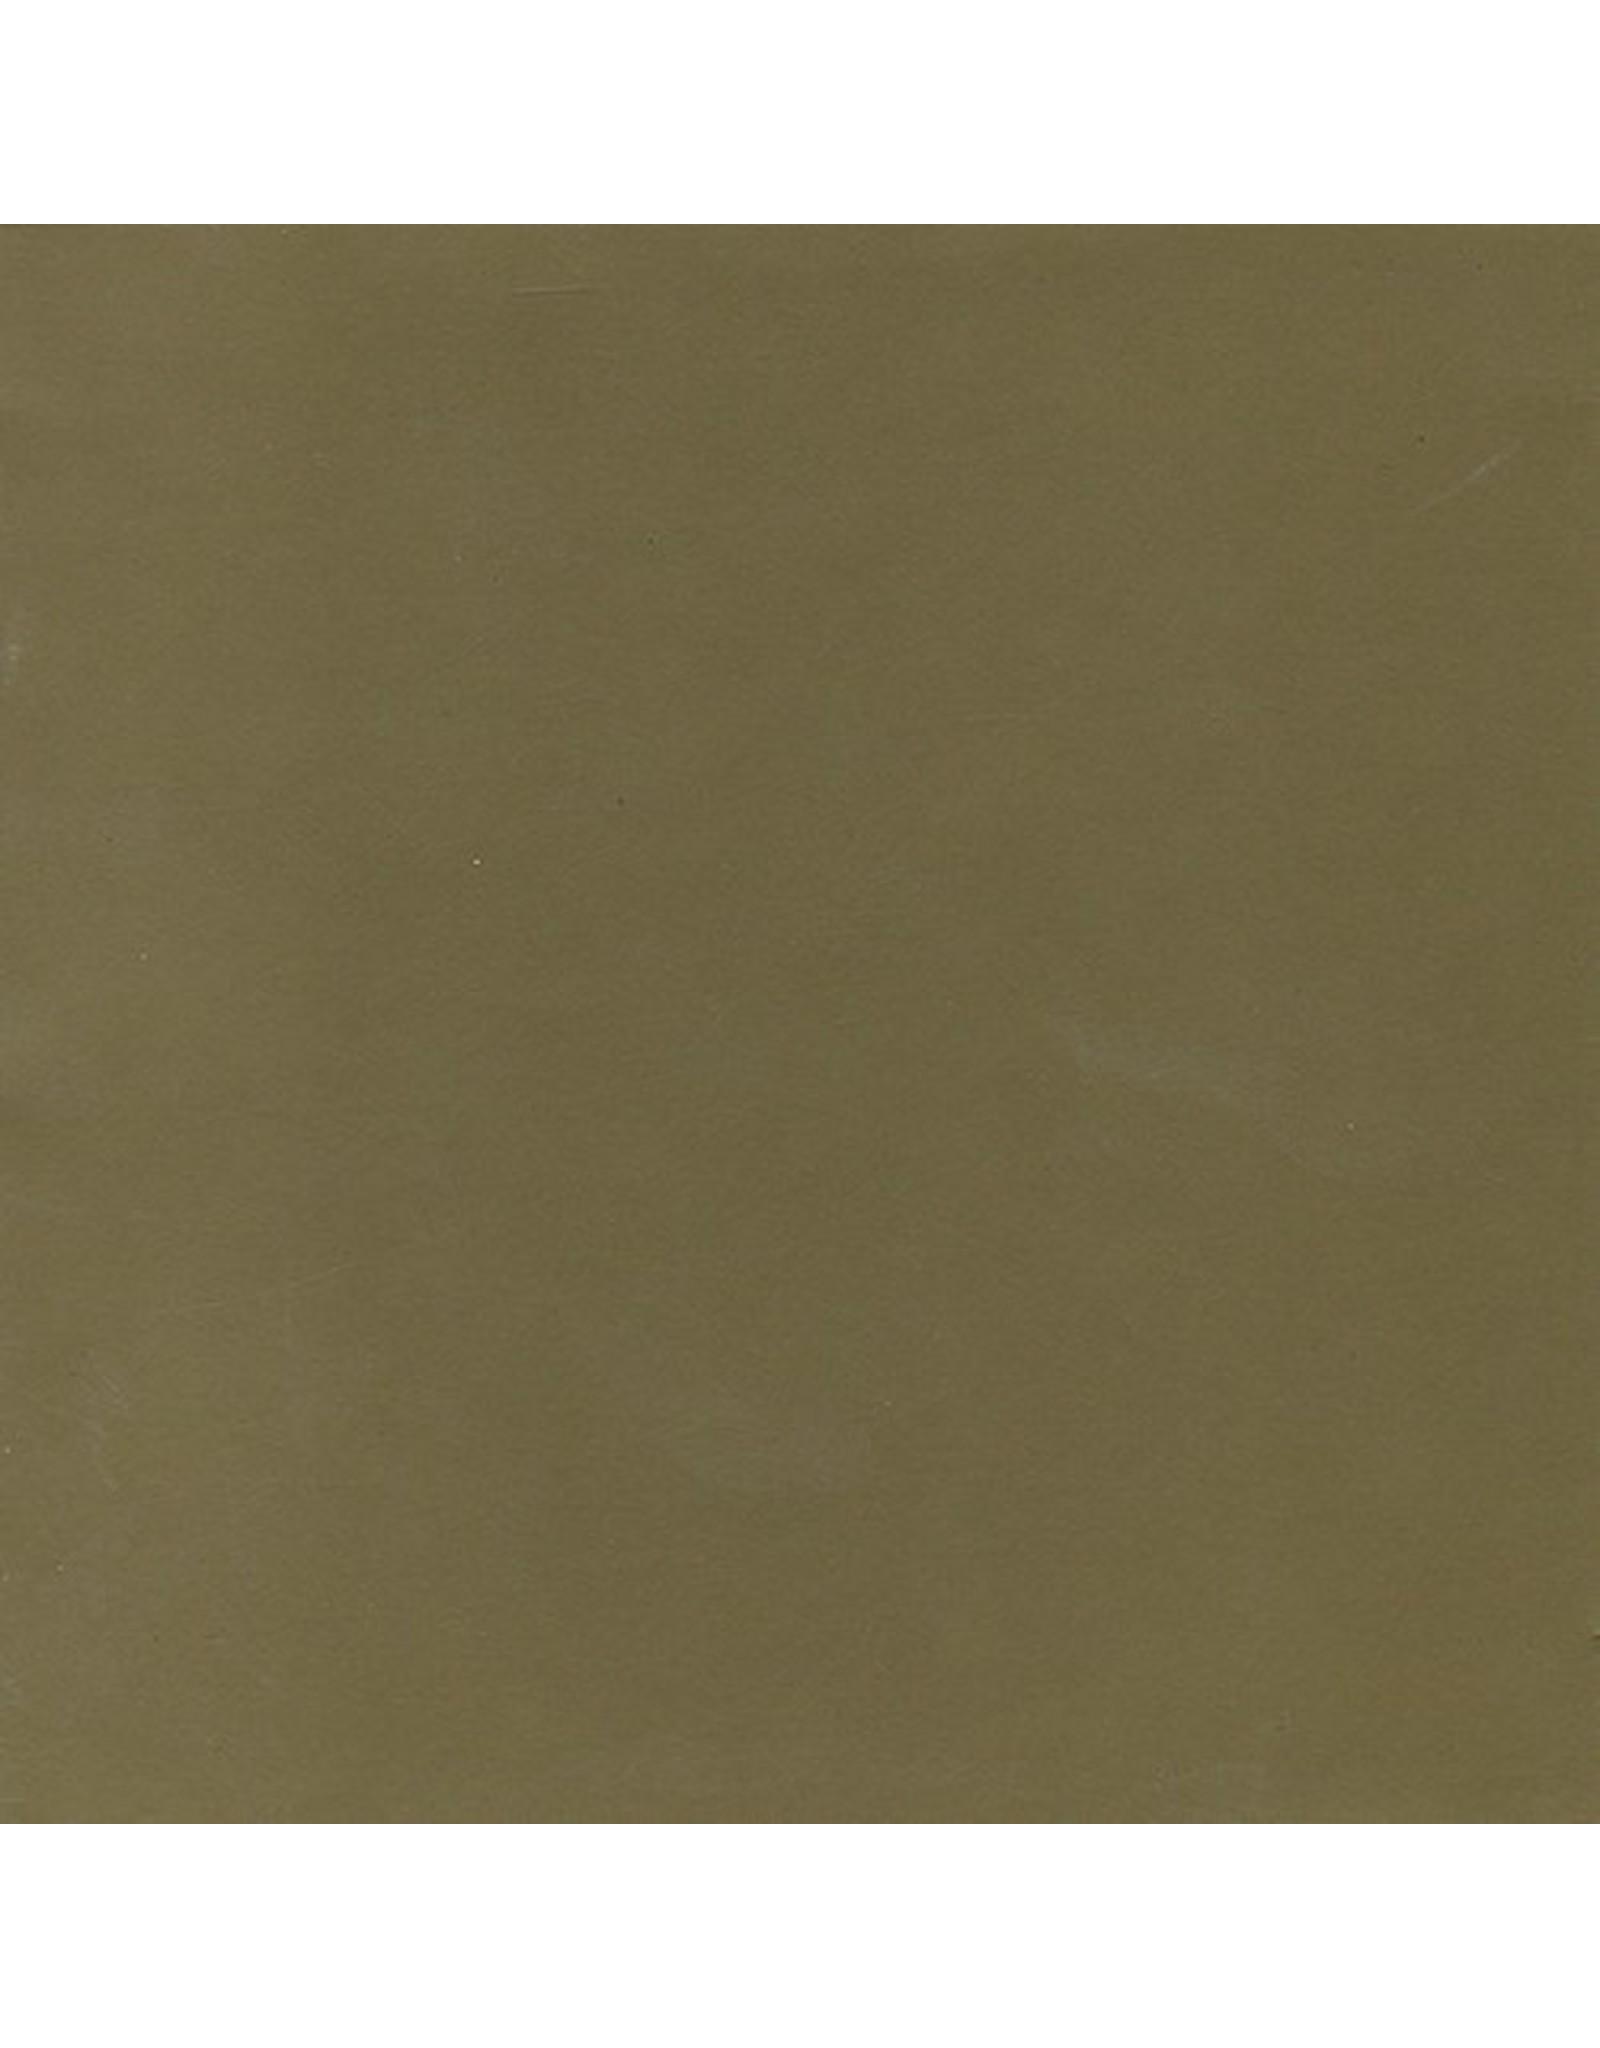 New Vinyl Autechre - Tri Repetae 2LP